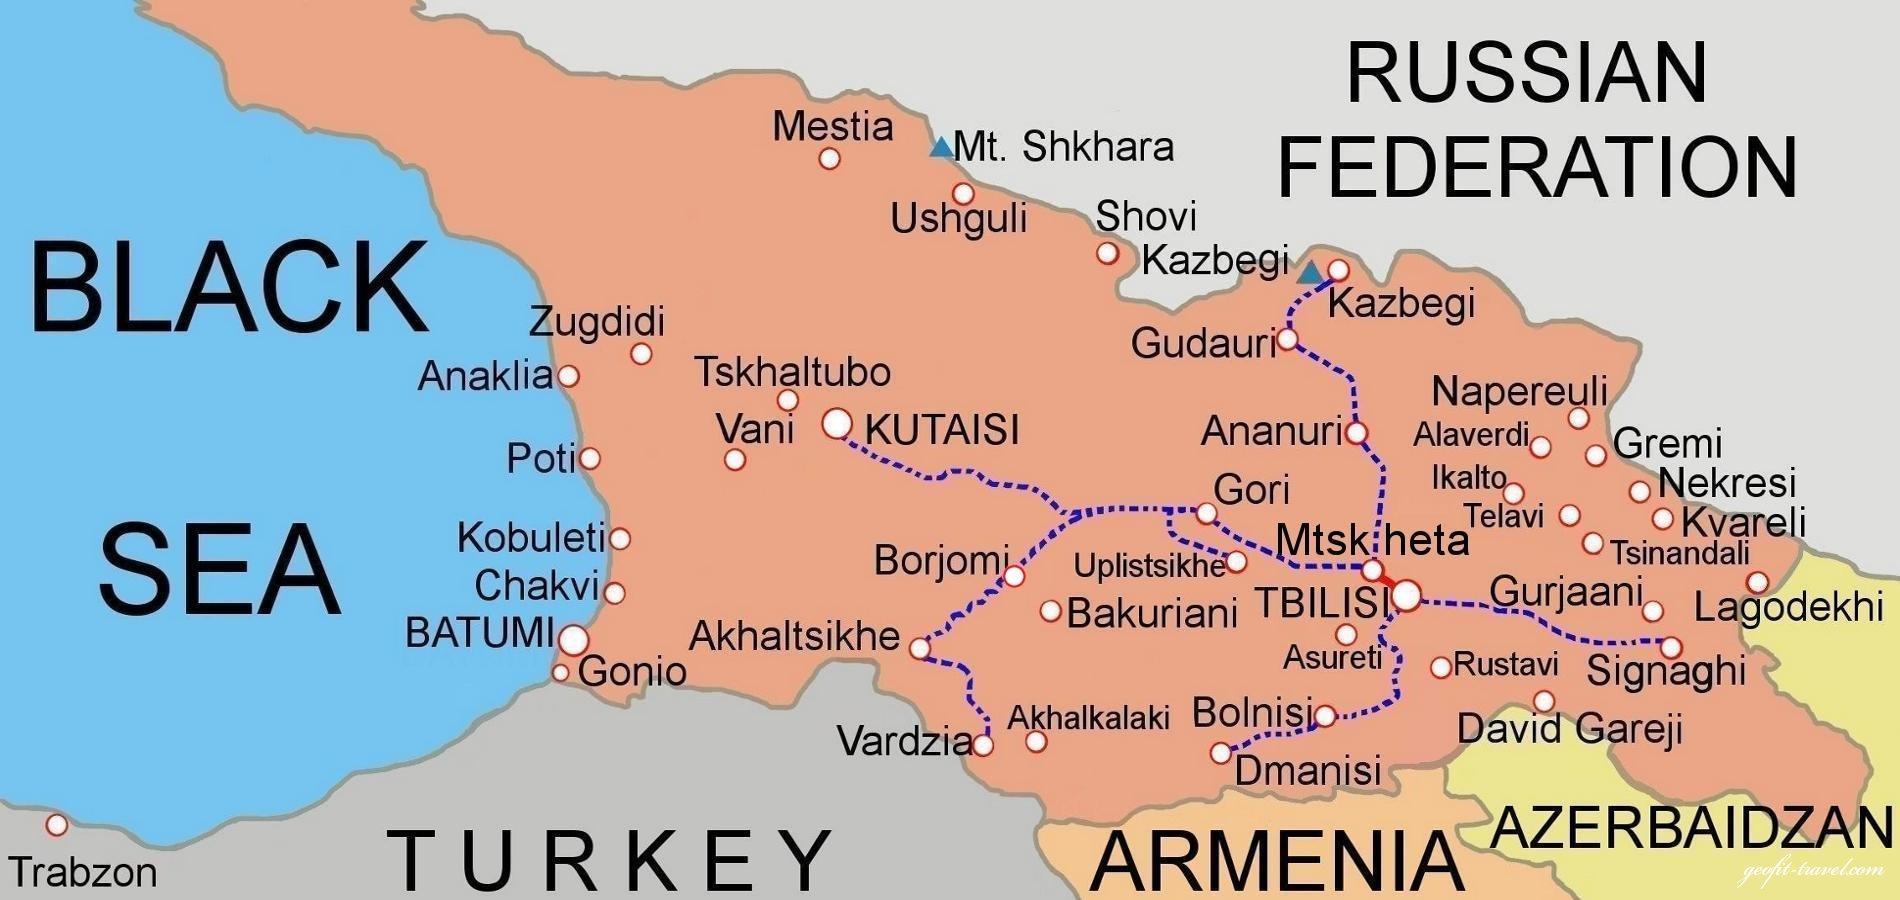 Wochenende In Tbilisi Reisen Nach Georgien 2020 Geofit Travel